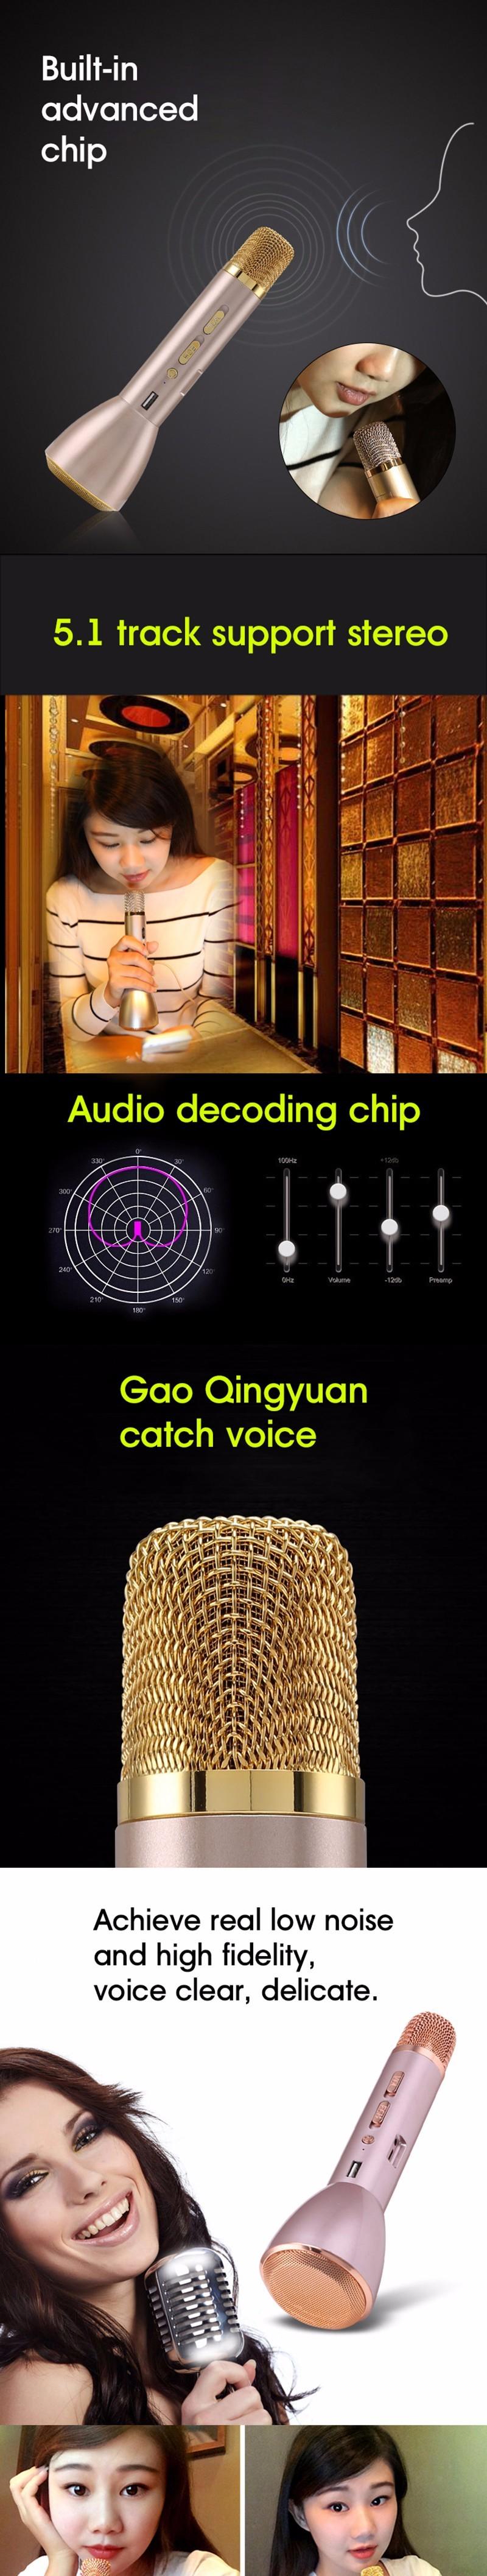 ถูก Enchante K088เมจิกคาราโอเกะไมโครโฟนไร้สายแบบพกพาบลูทูธไมโครโฟนที่มีบลูทูธลำโพงธนาคารกลางแจ้งKTV